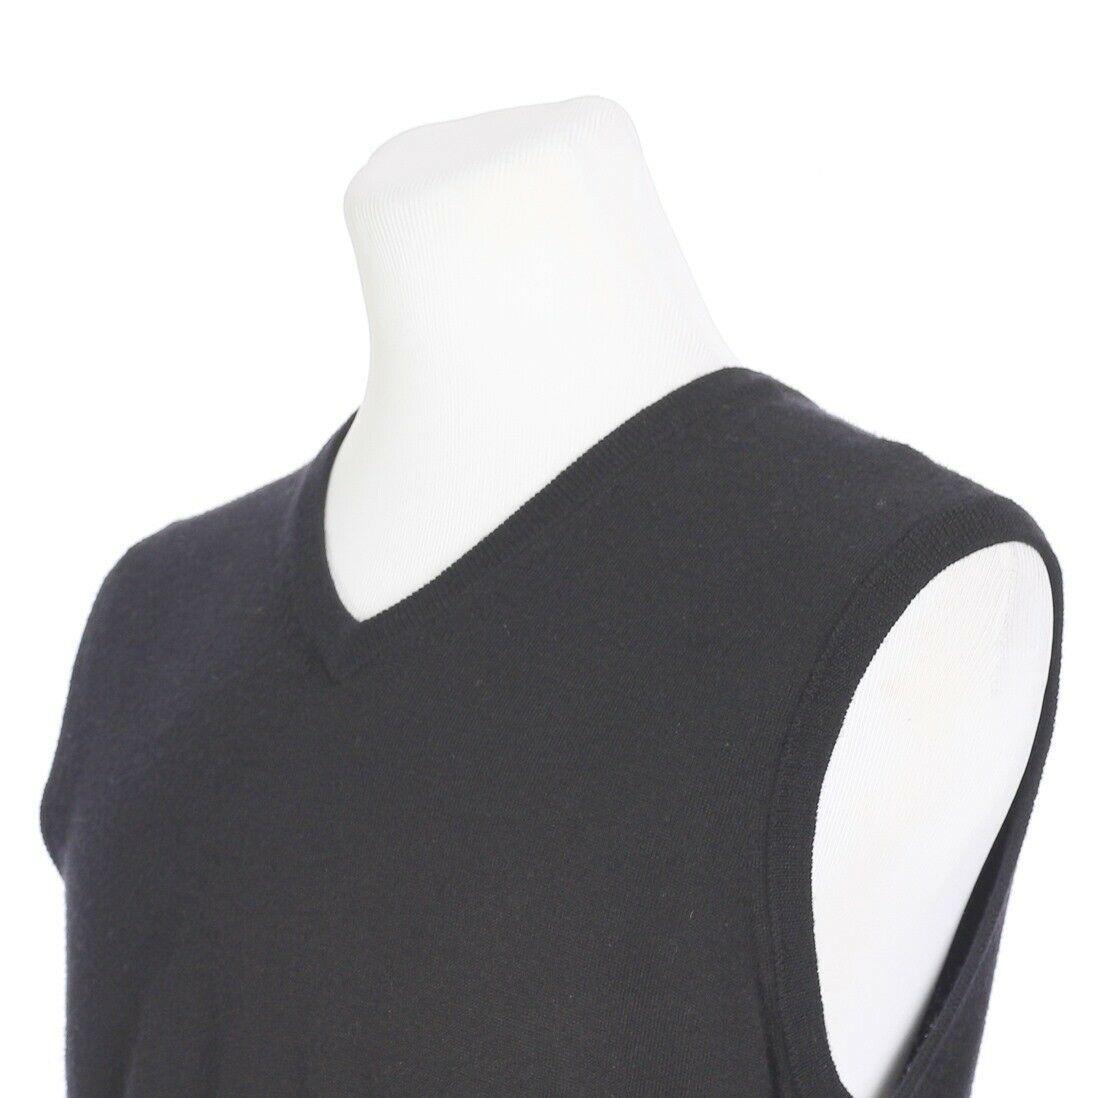 Brooks Brothers Extra Fine Merino Wool Solid Black Sweater Vest Mens Medium image 2